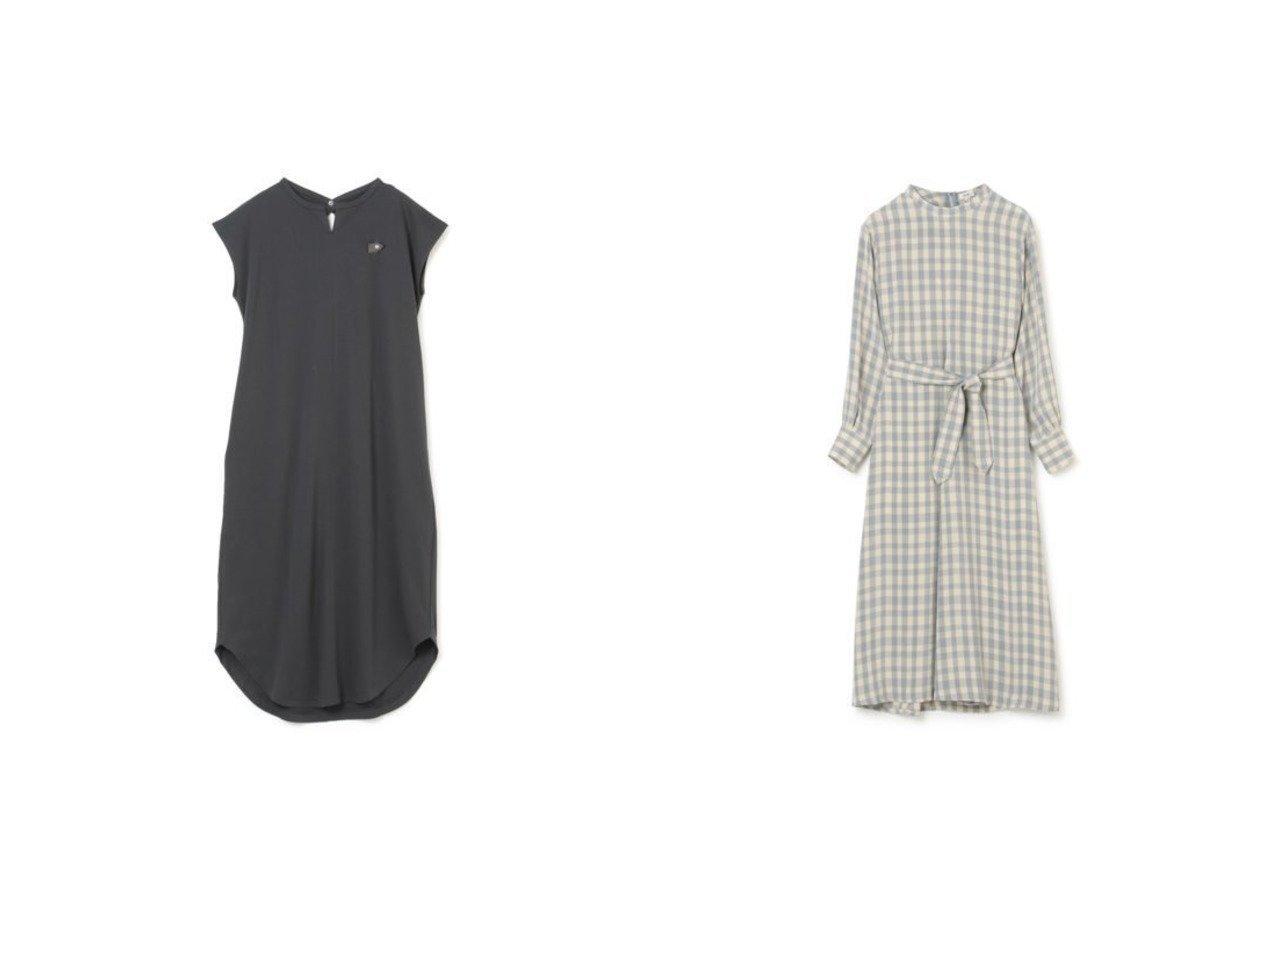 【EARIH/アーリ】のPUNCH OPEN BACK MAXI DRESS&【SCYE/サイ】のViscose Check Dress 【ワンピース・ドレス】おすすめ!人気、トレンド・レディースファッションの通販 おすすめで人気の流行・トレンド、ファッションの通販商品 メンズファッション・キッズファッション・インテリア・家具・レディースファッション・服の通販 founy(ファニー) https://founy.com/ ファッション Fashion レディースファッション WOMEN ワンピース Dress ドレス Party Dresses シャツワンピース Shirt Dresses マキシワンピース Maxi Dress カフス クラシカル スタンド チェック ドレス フォーマル 長袖 2021年 2021 2021春夏・S/S SS/Spring/Summer/2021 S/S・春夏 SS・Spring/Summer スタイリッシュ スリット バランス マキシ ラウンド 半袖 洗える |ID:crp329100000031142